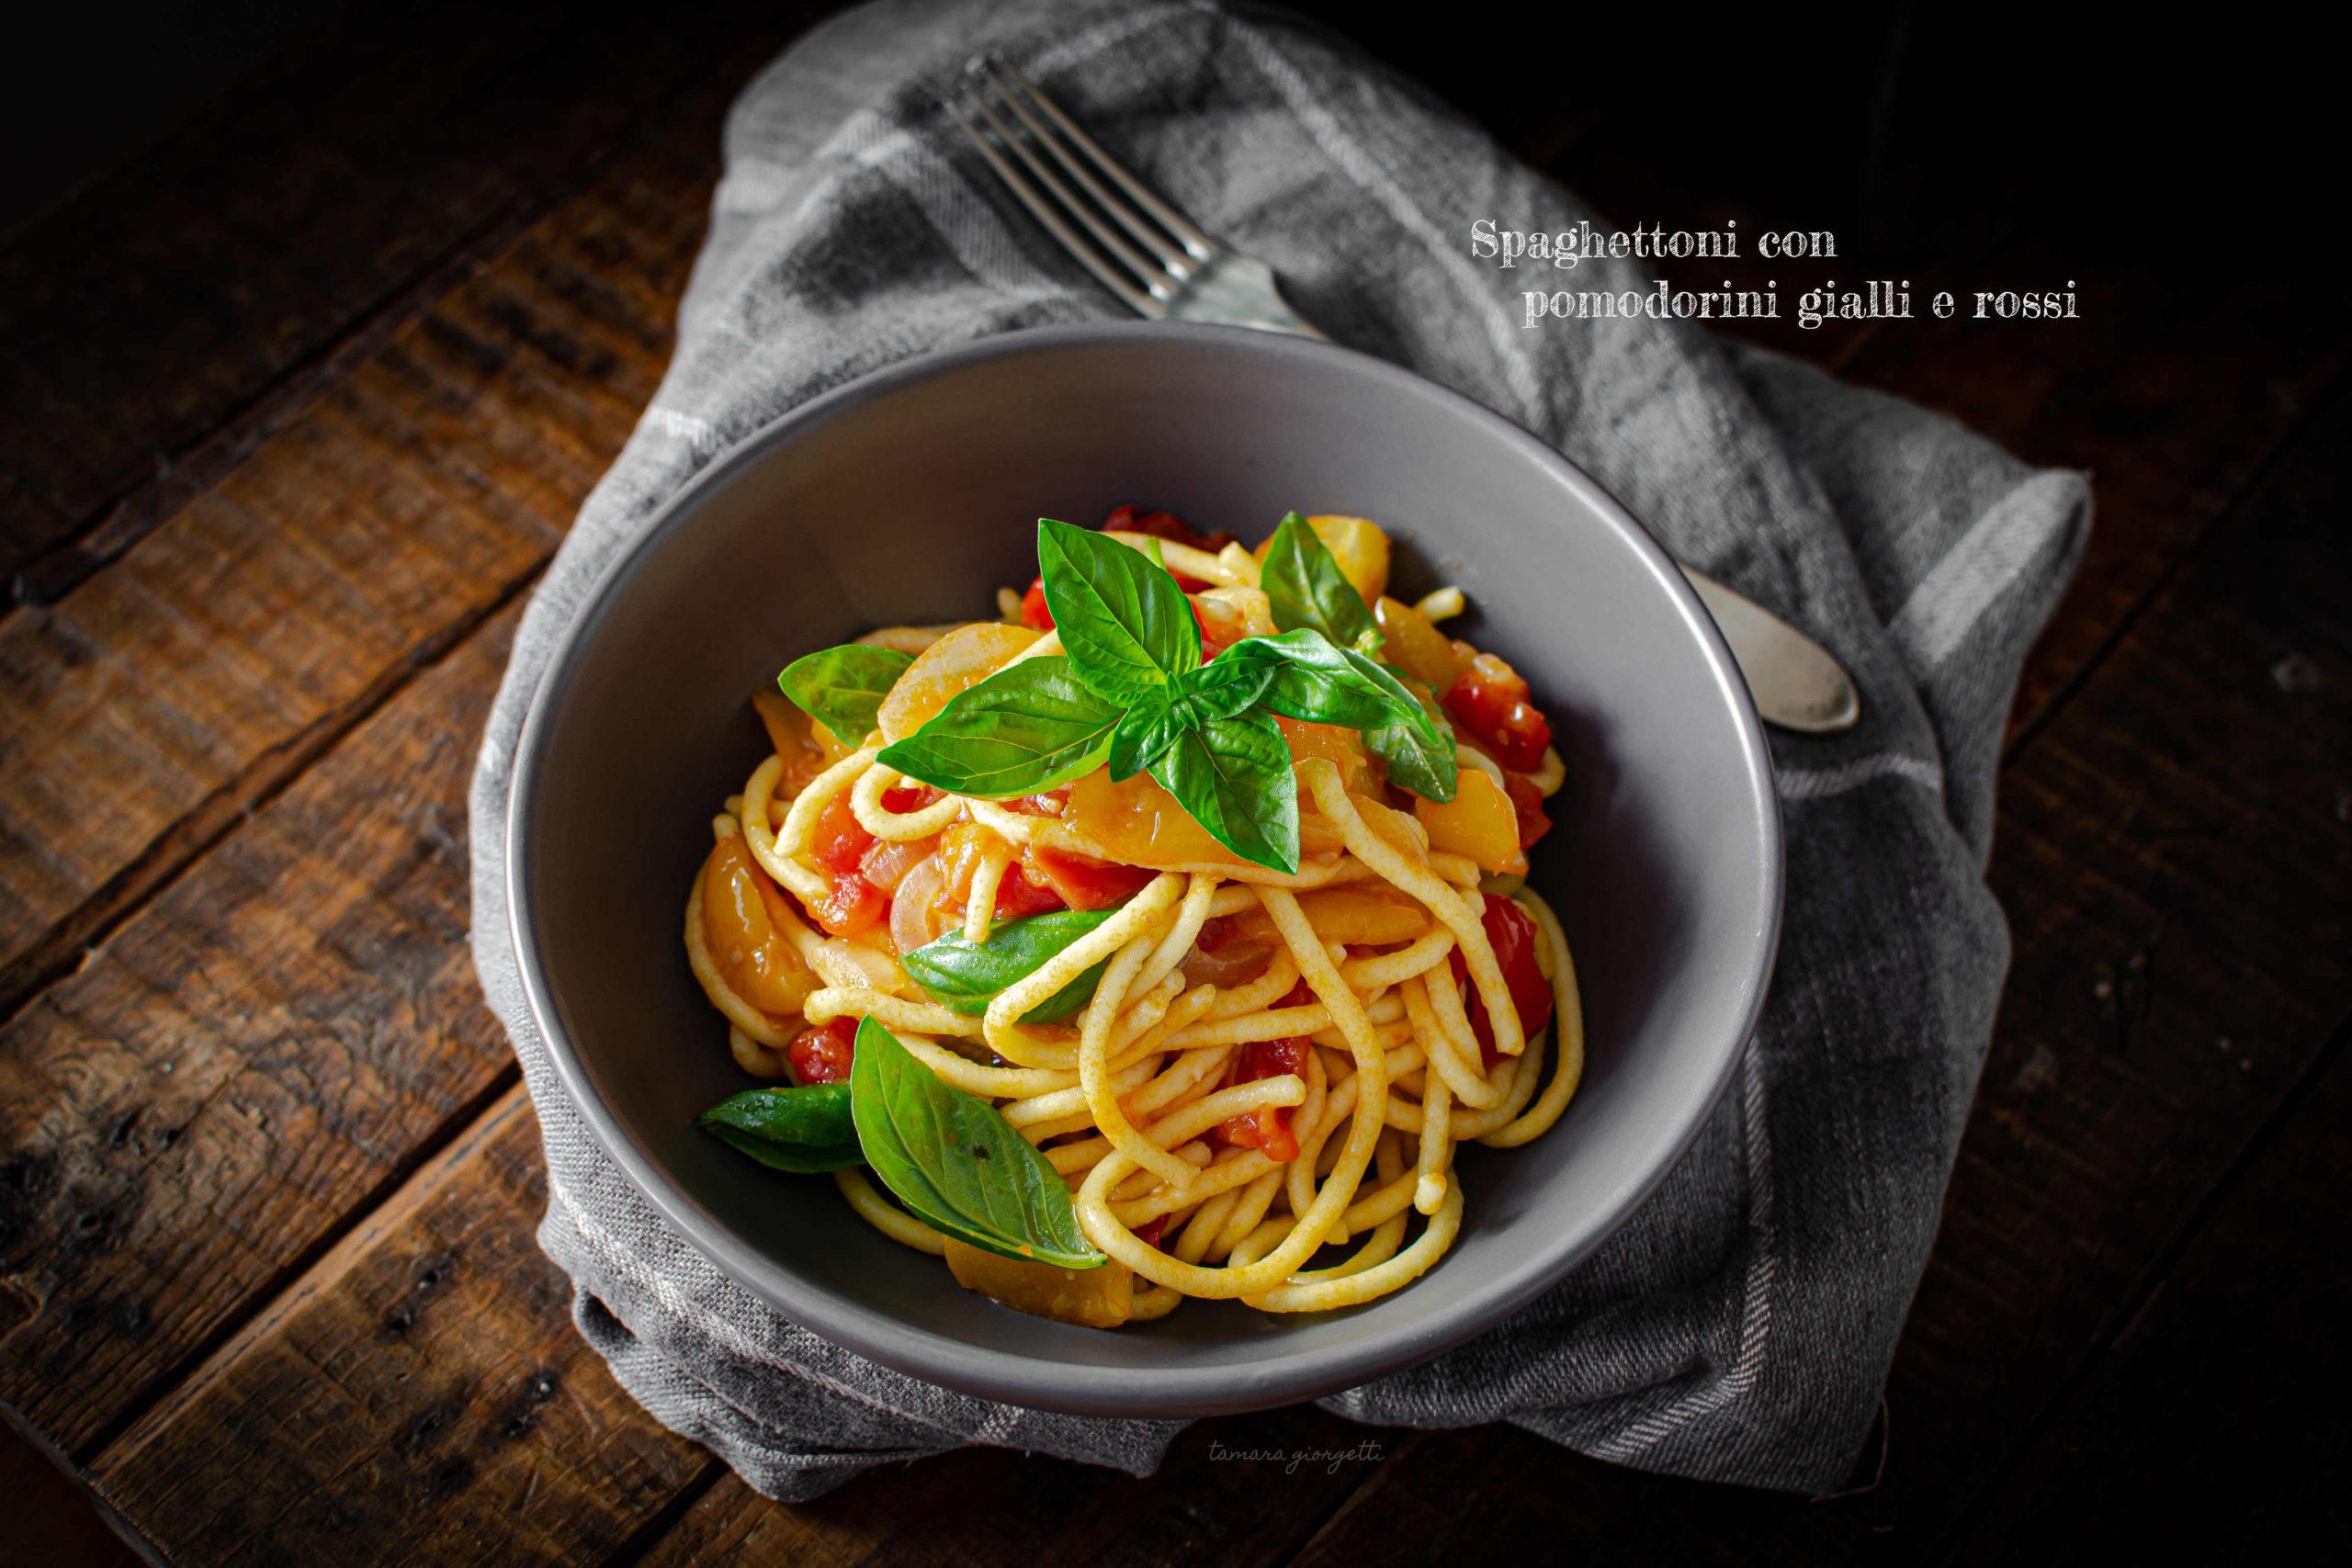 Spaghettoni All'uovo Con Pomodorini Bicolor